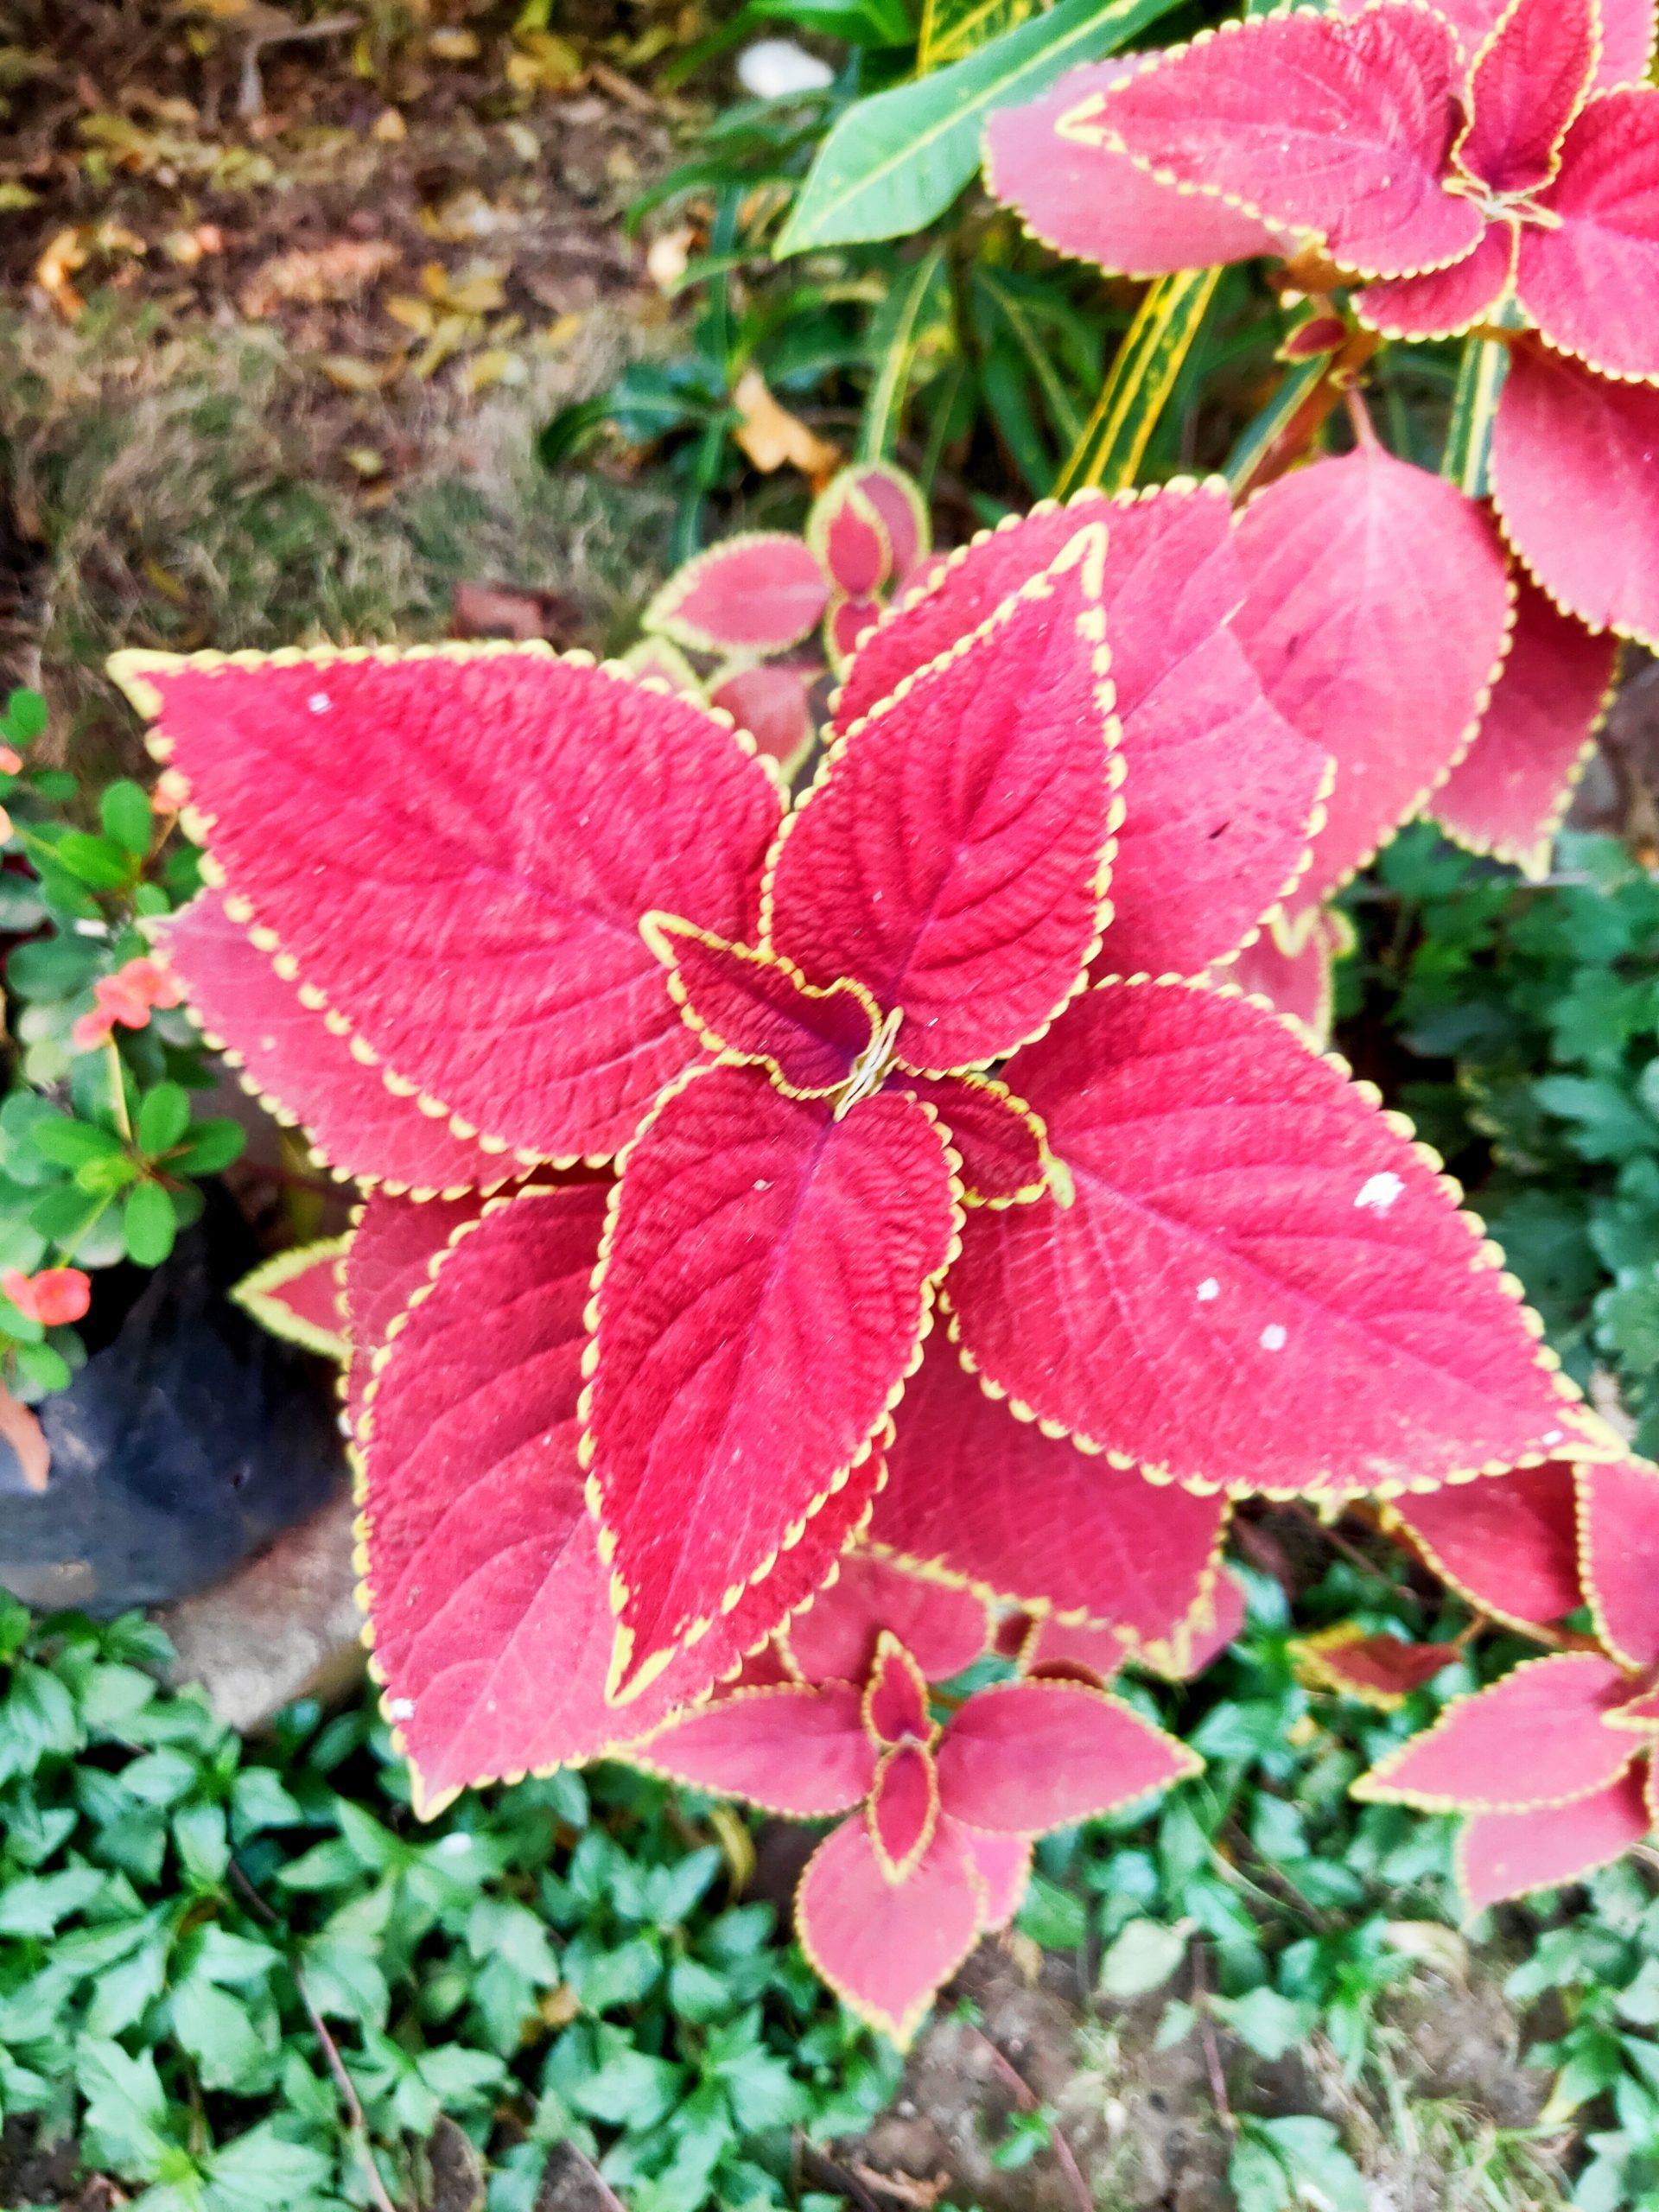 Plant macro view